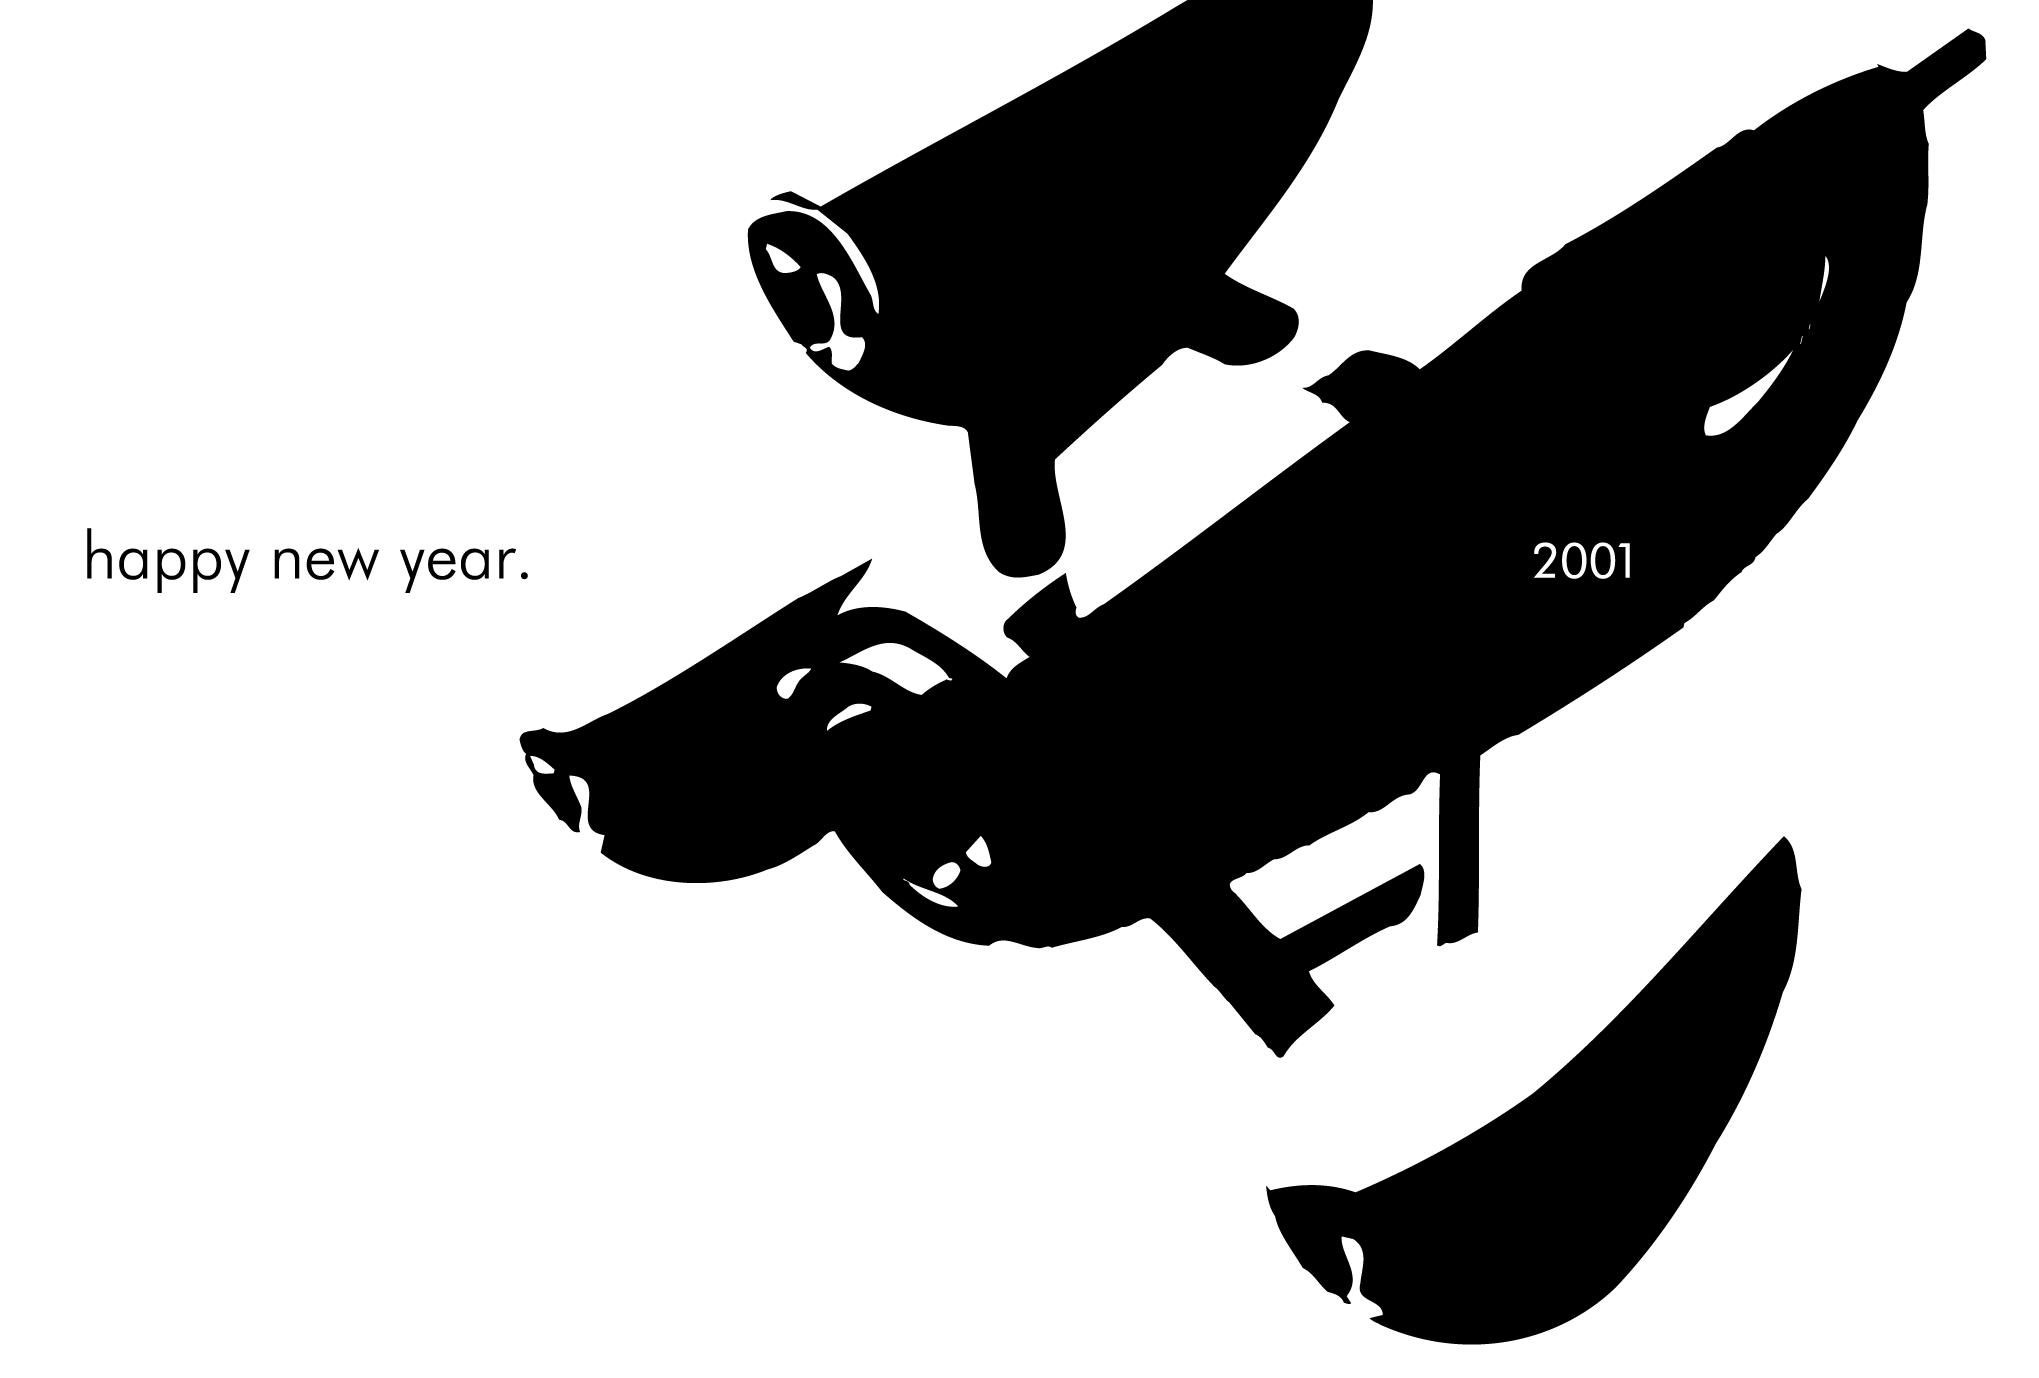 2001年賀状07:Next yearのダウンロード画像